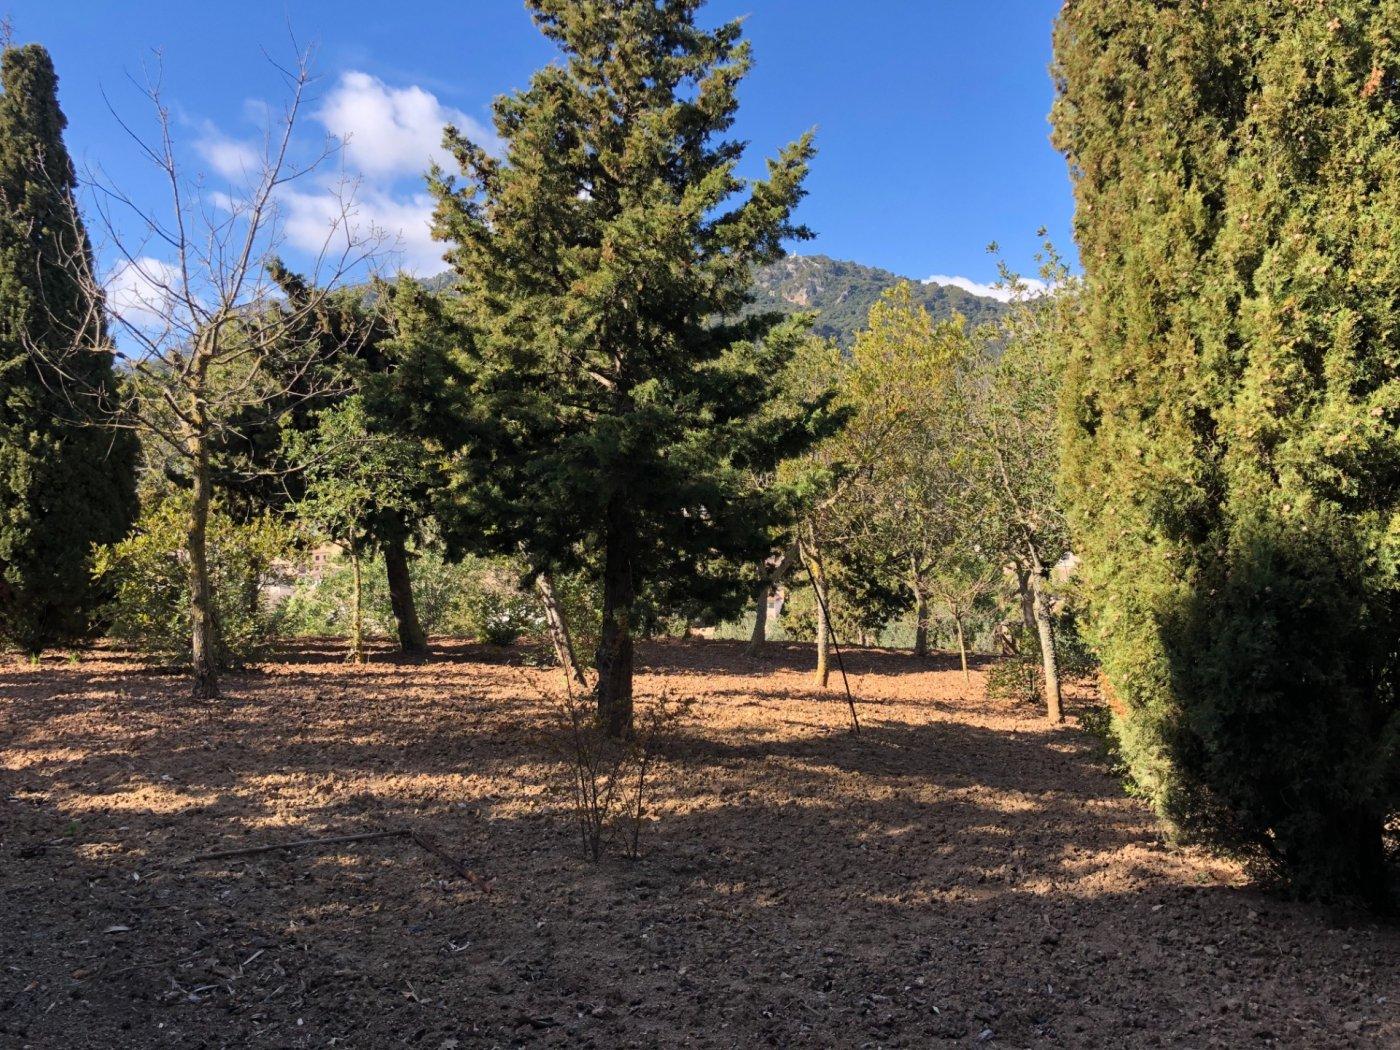 Oportunidad de comprar un fantástico terreno en suelo urbano en esporles - imagenInmueble8